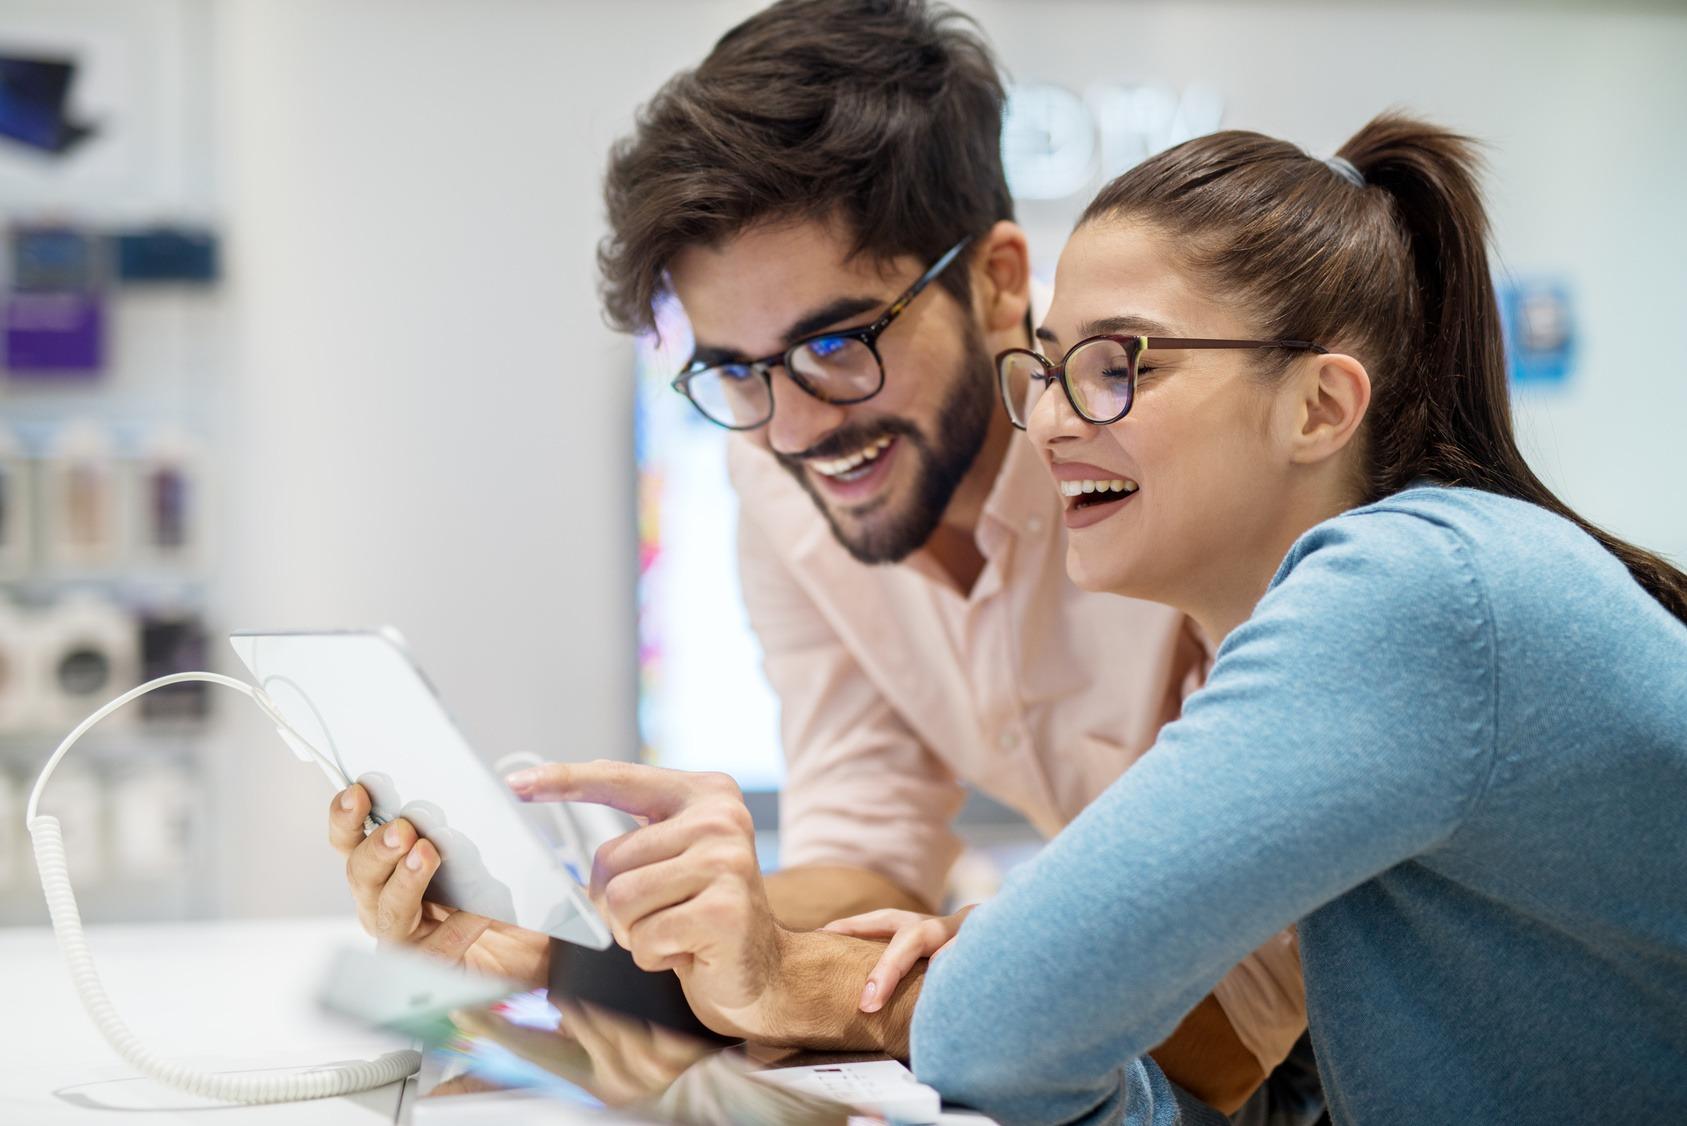 Ein junges Paar hat eine positive User Experience beim Testen eines neuen Tablets.